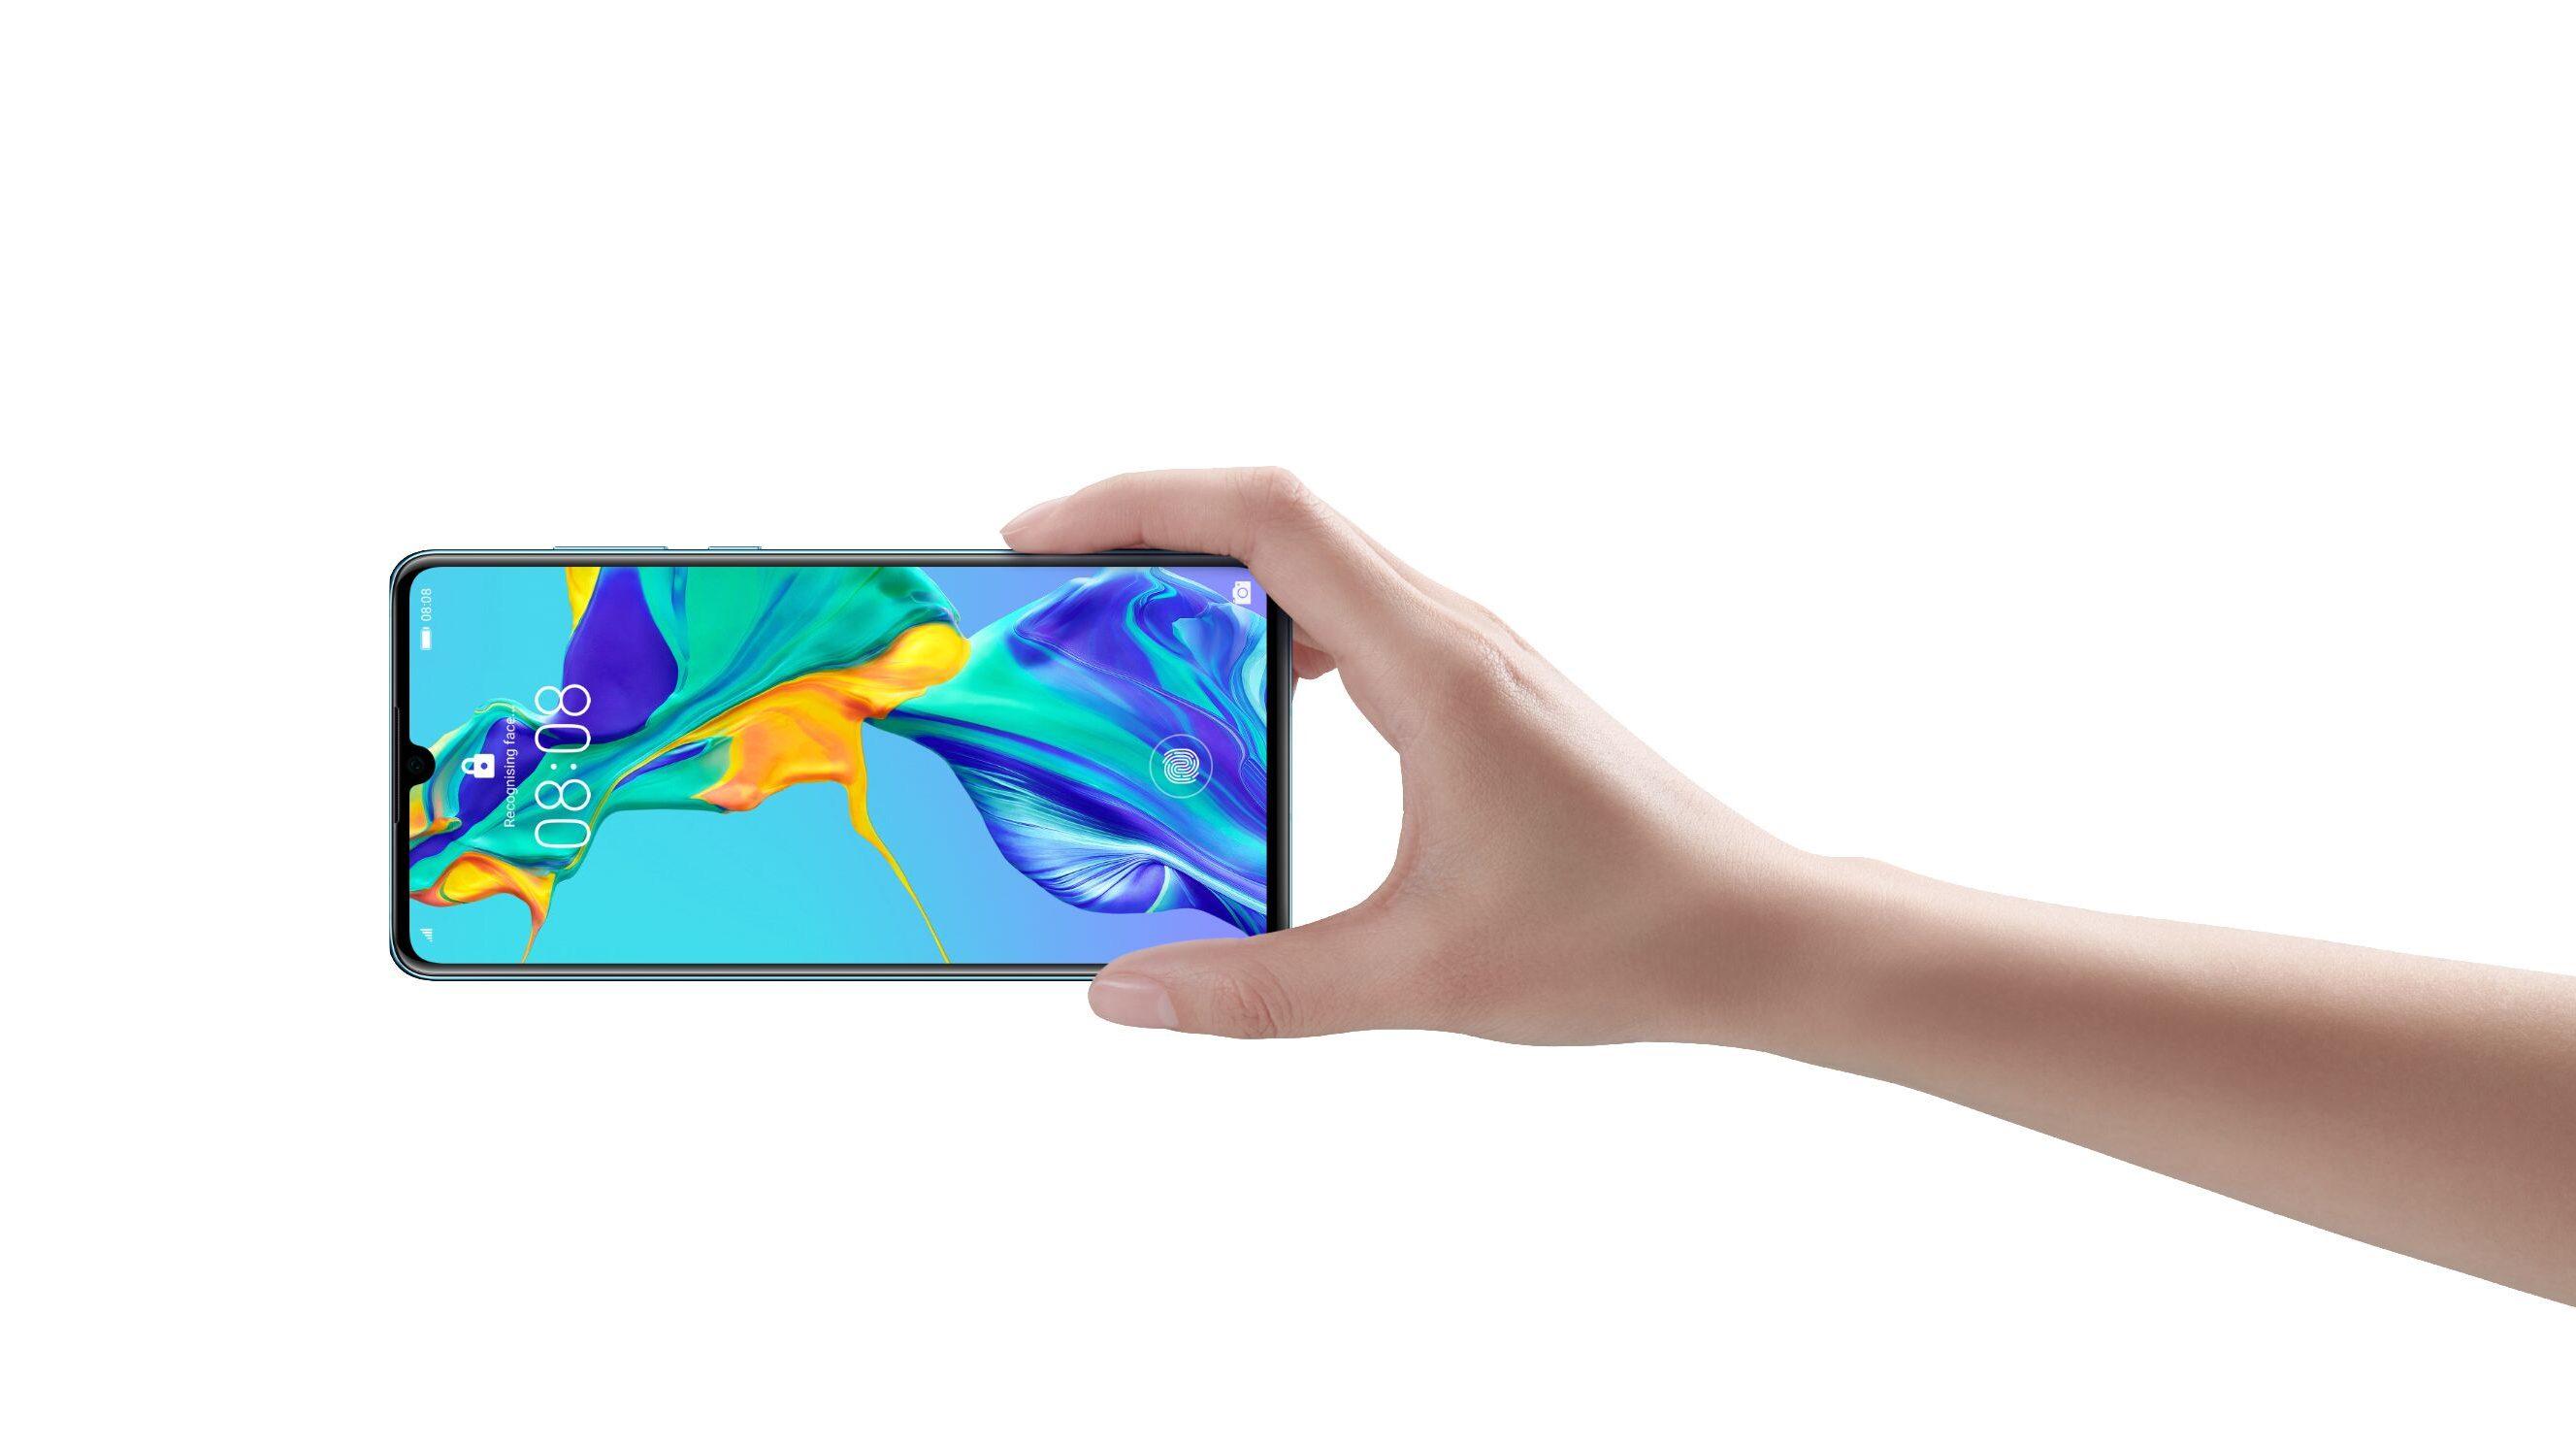 El Huawei P30 Pro es el mejor smartphone del mundo: EISA